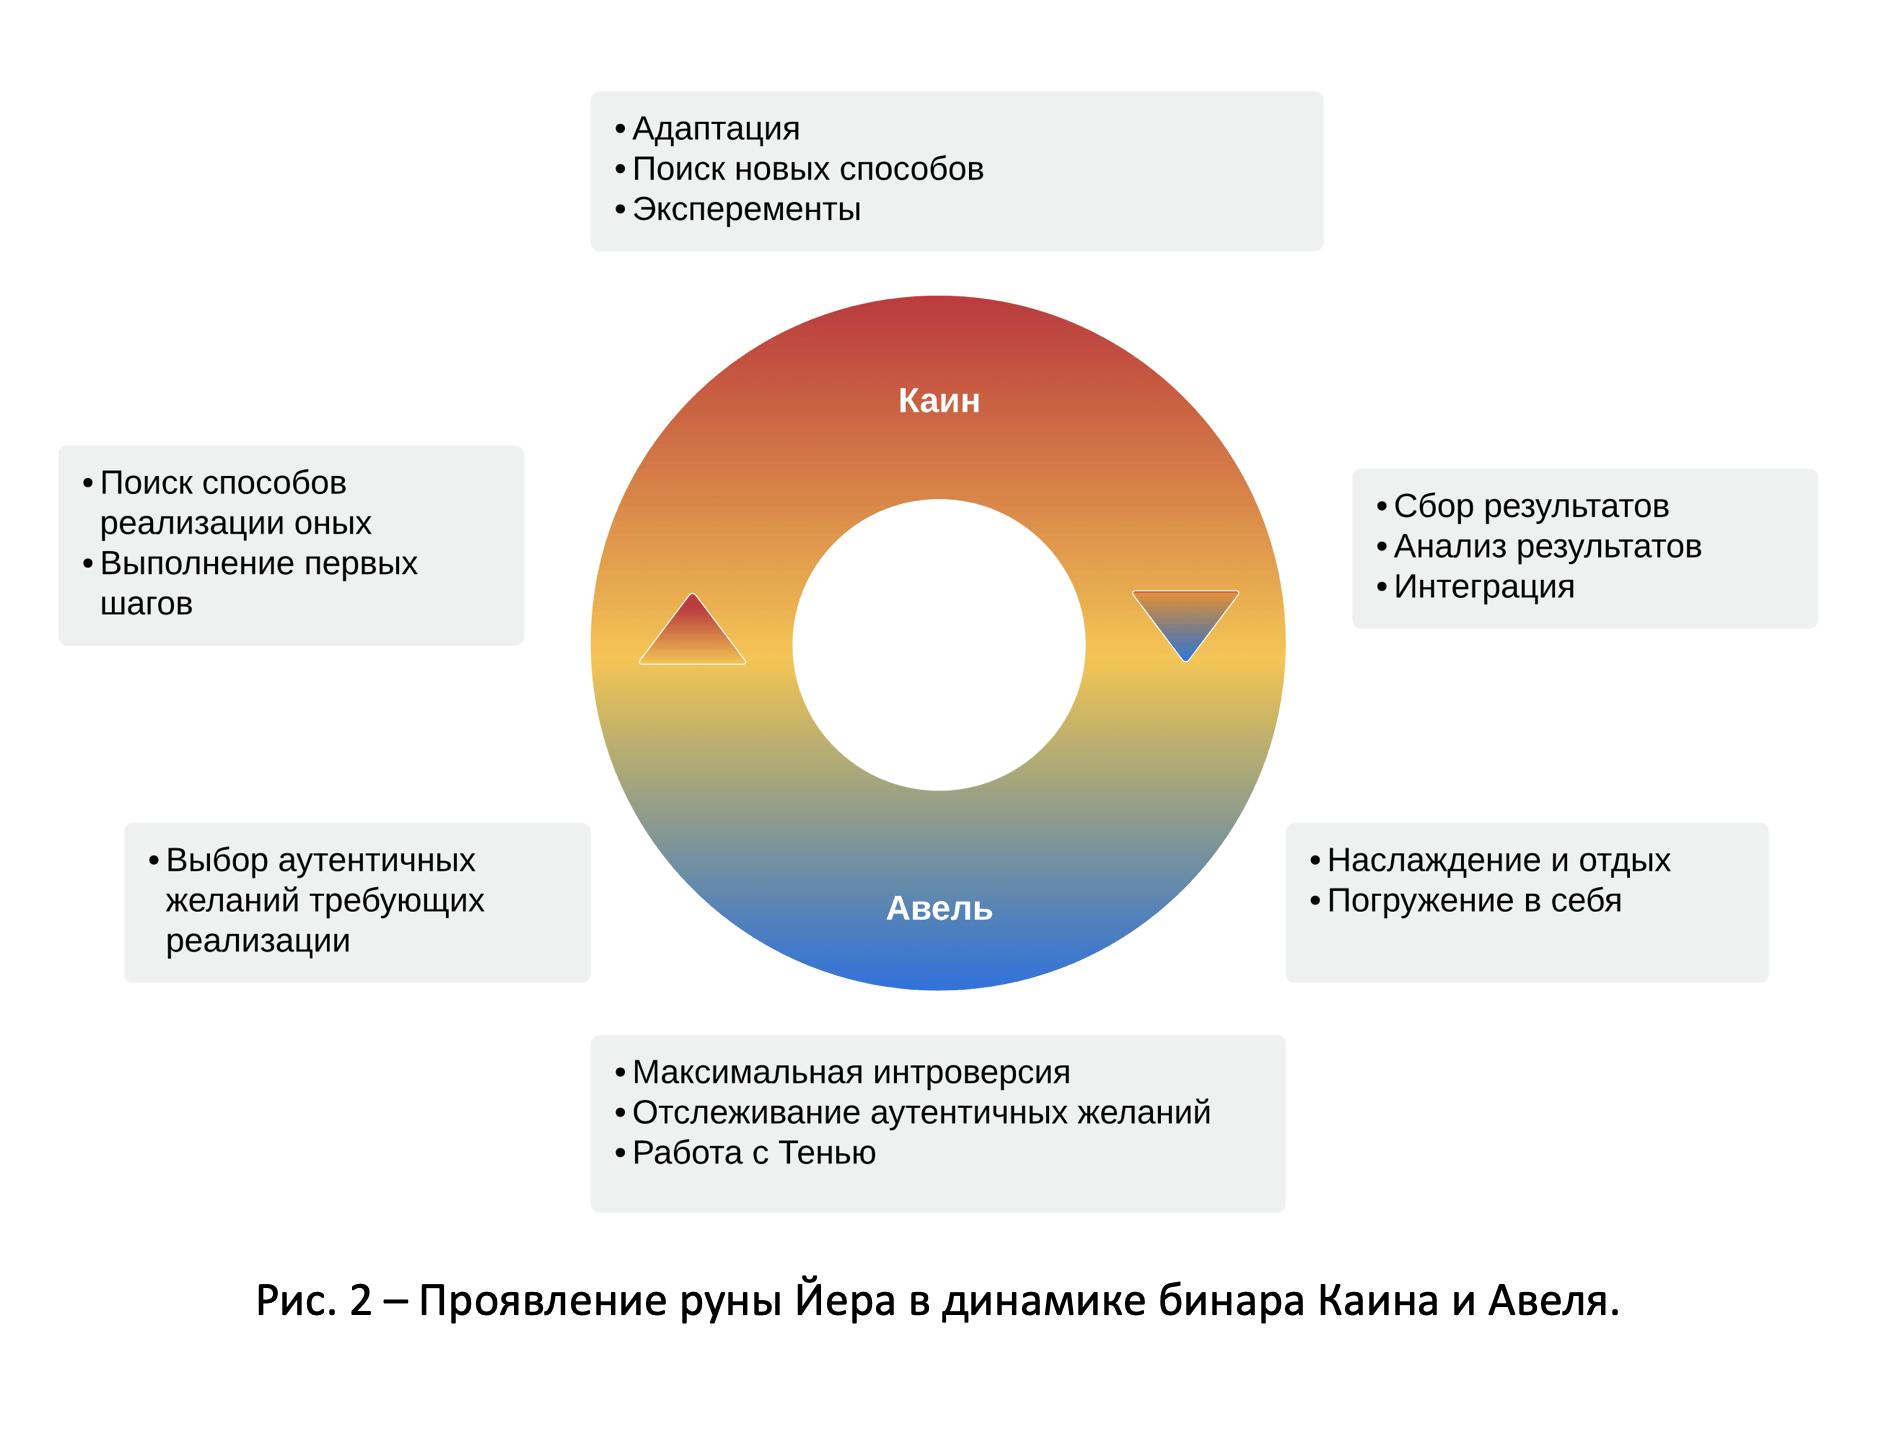 Руна Йера – чередование полюсов Авеля и Каина